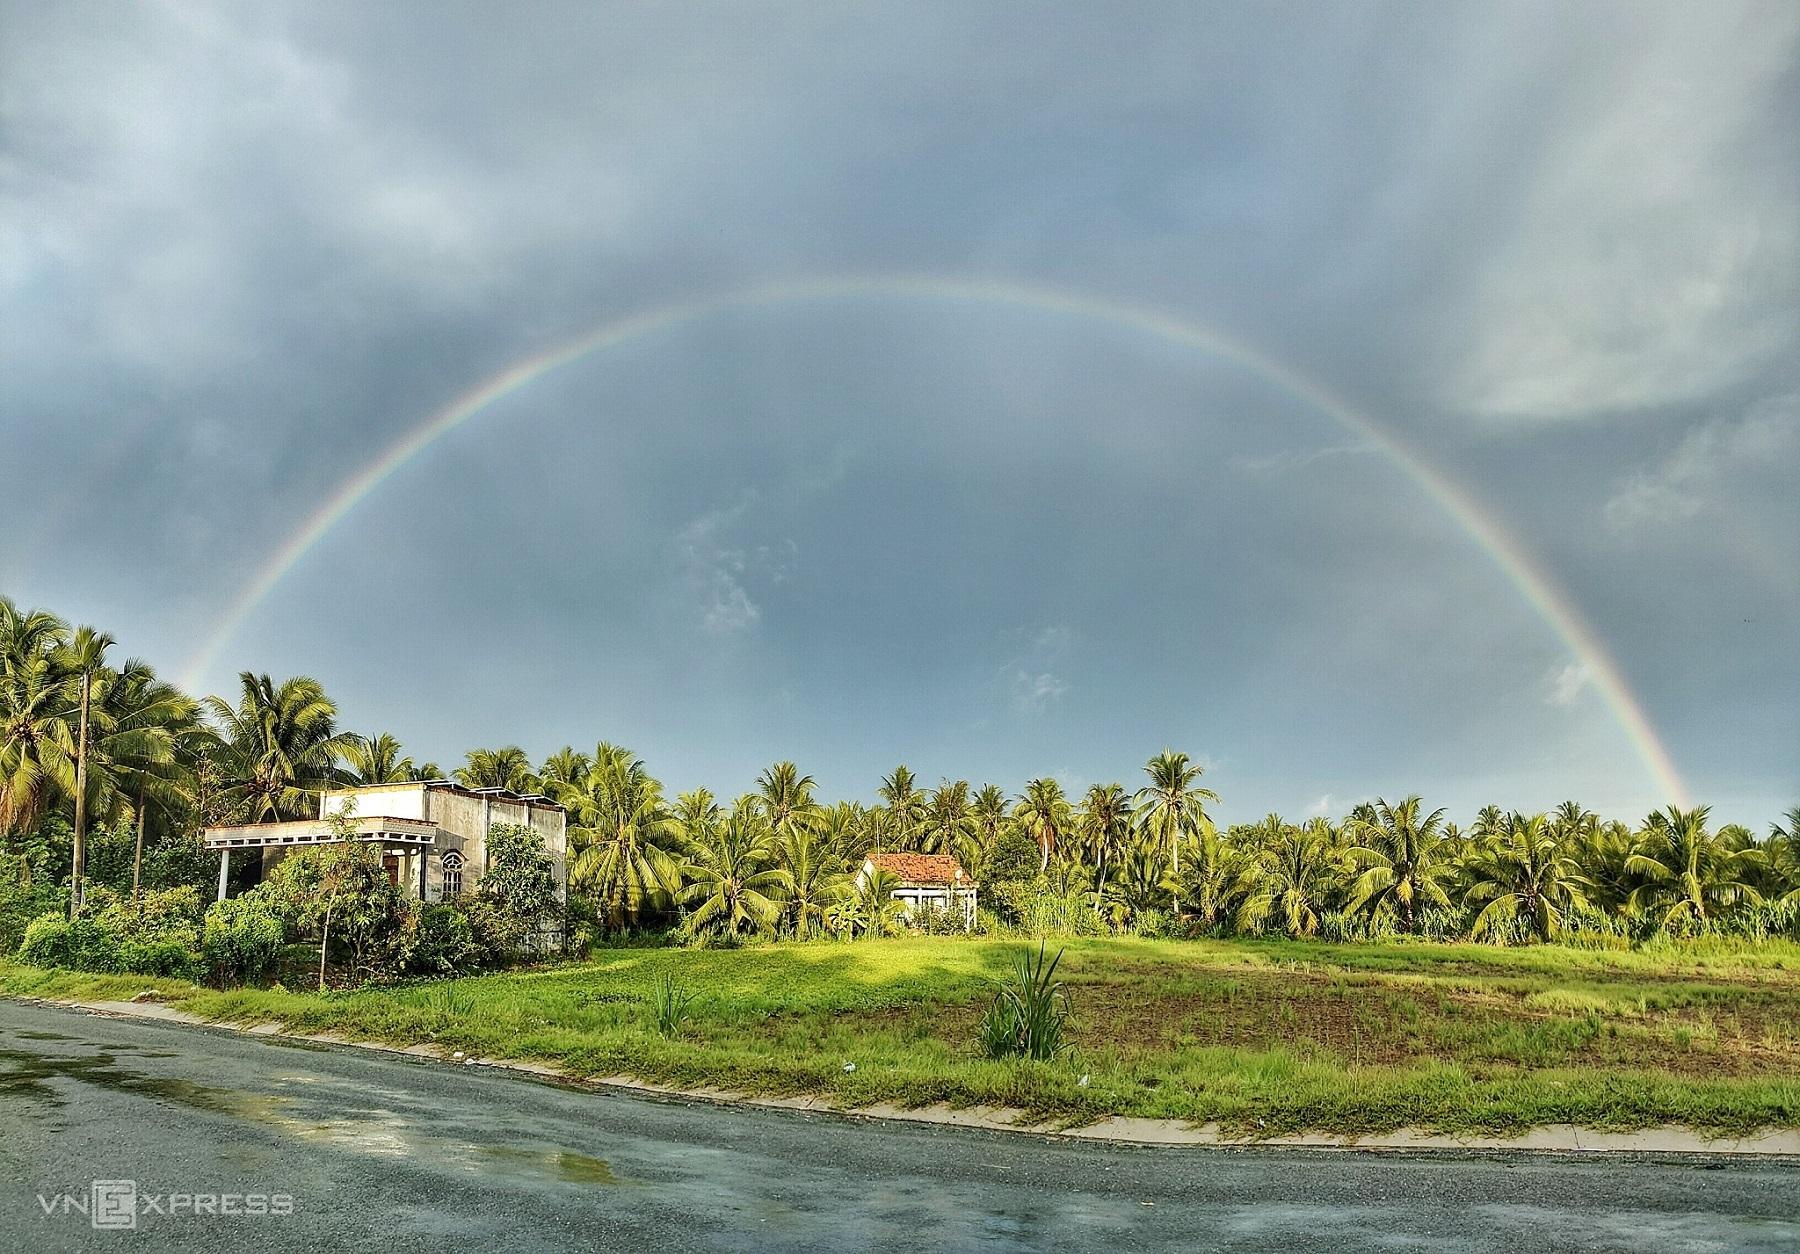 Sở thích chụp ảnh hương quê của Minh Tân bất kể mưa nắng, trong ảnh tác giả chụp cầu vồng sau cơn mưa trên những vườn dừa ở ấp Bình Thuận, xã Tân Thanh, Giồng Trôm.